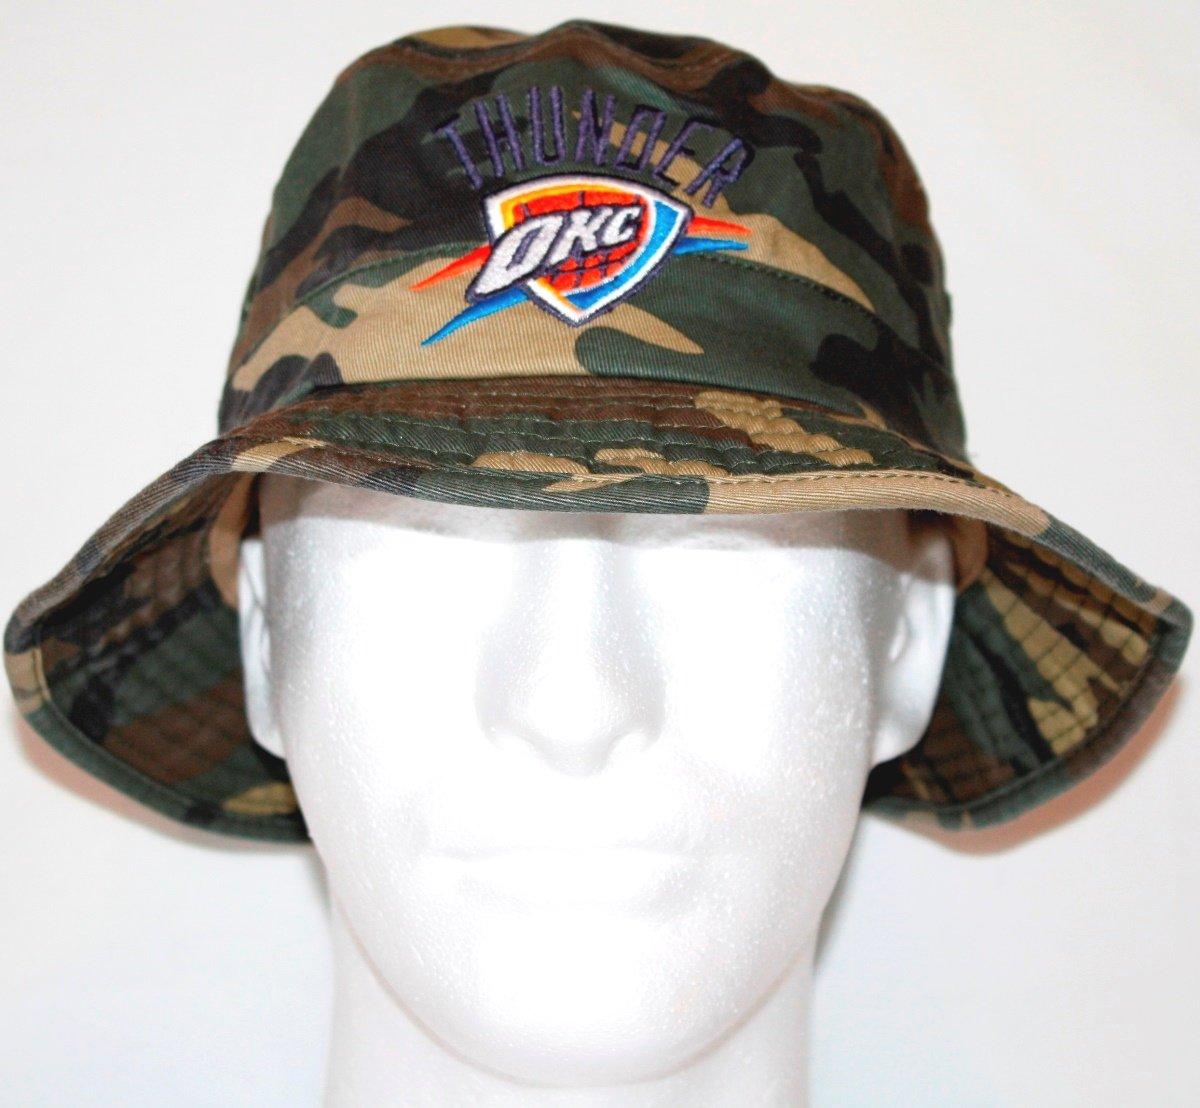 e1bc727fbf91f Amazon.com   Oklahoma City Thunder Adidas NBA Bucket Hat - Camouflage    Sports   Outdoors